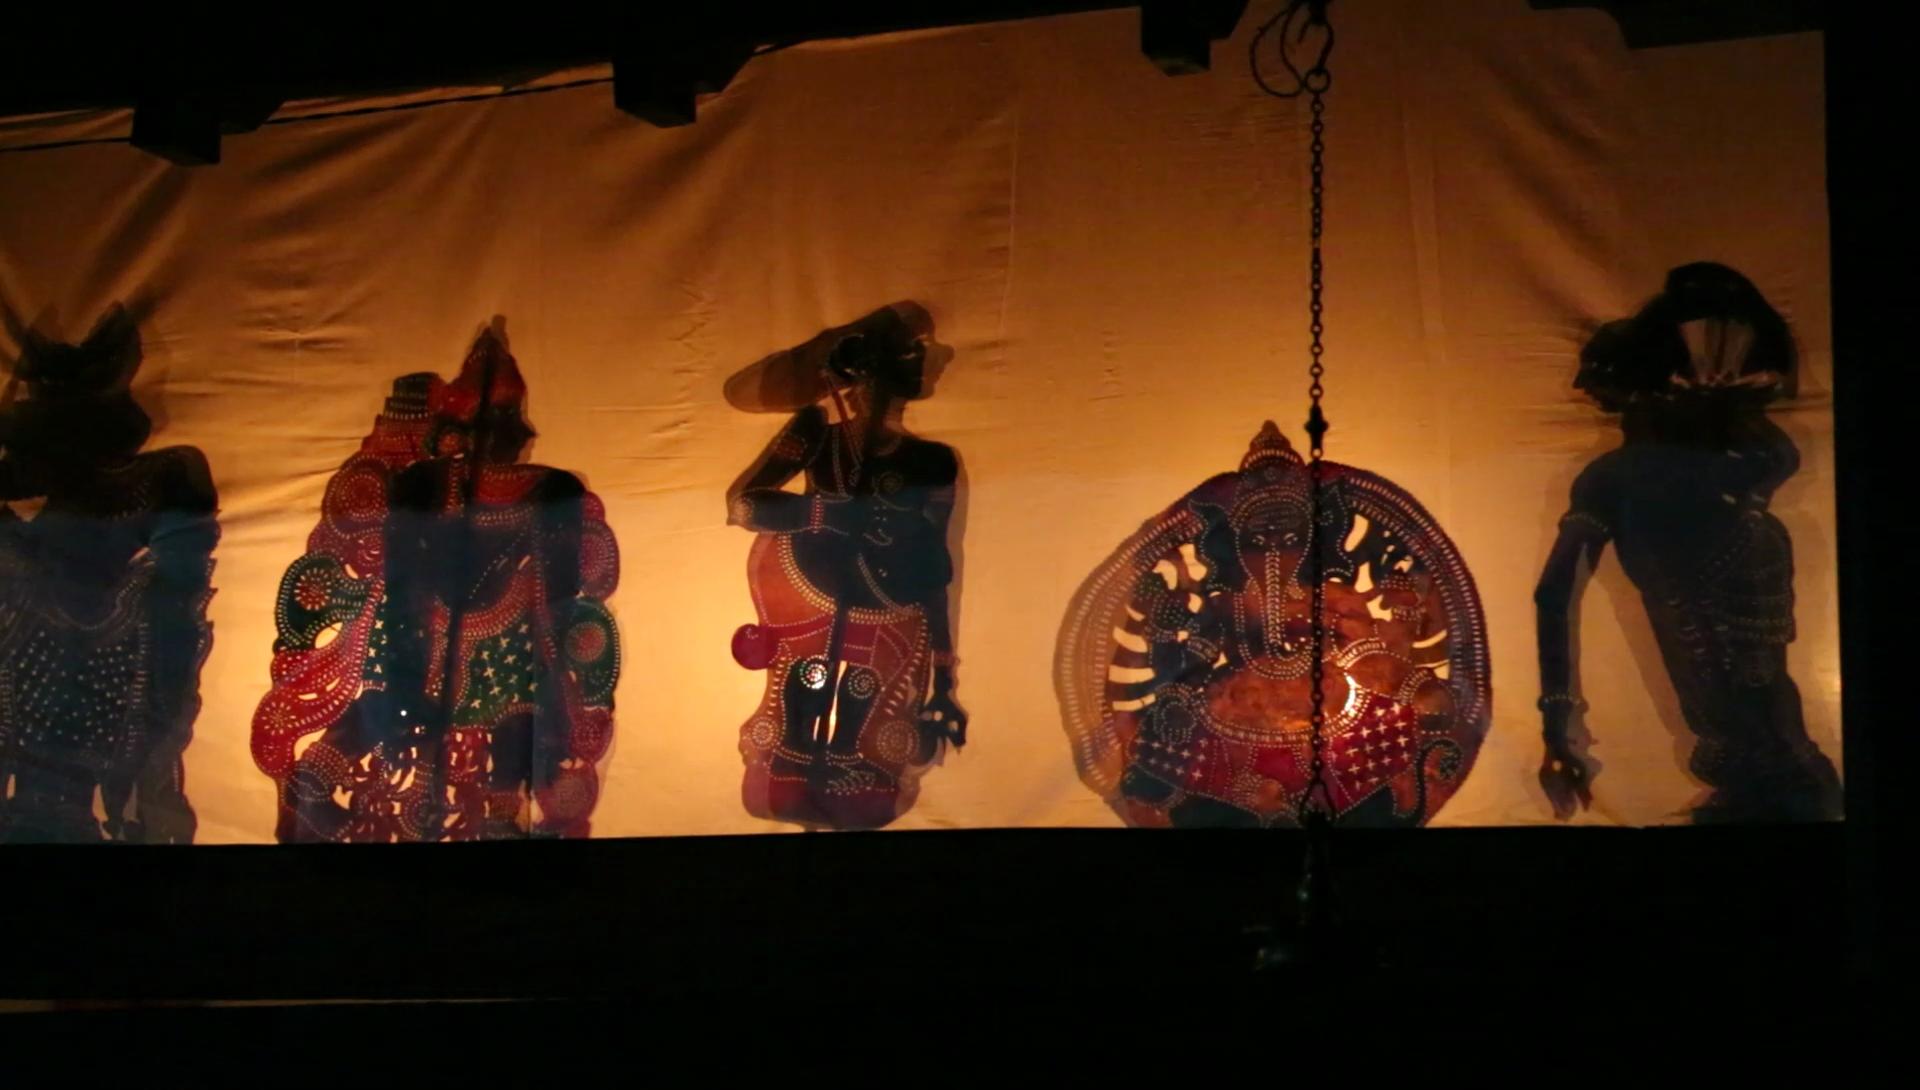 L'invocation à Ganesh au début d'un spectacle de <em>tolpava koothu</em>, théâtre d'ombres traditionnel du Kerala, en Inde